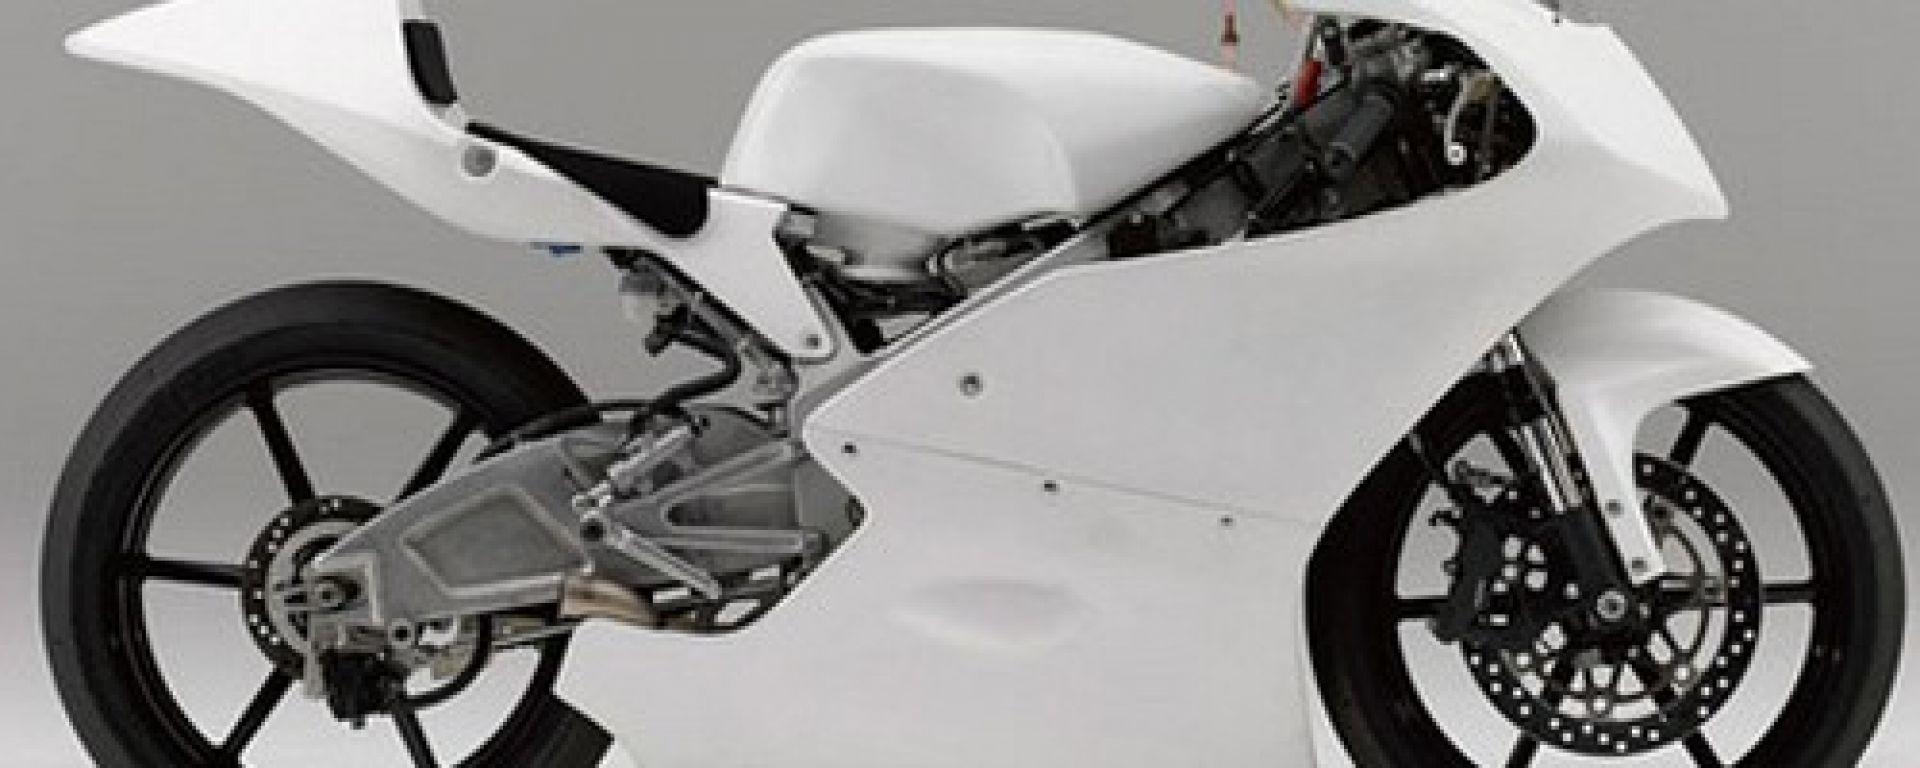 Dellorto fornitore unico della centralina Moto3